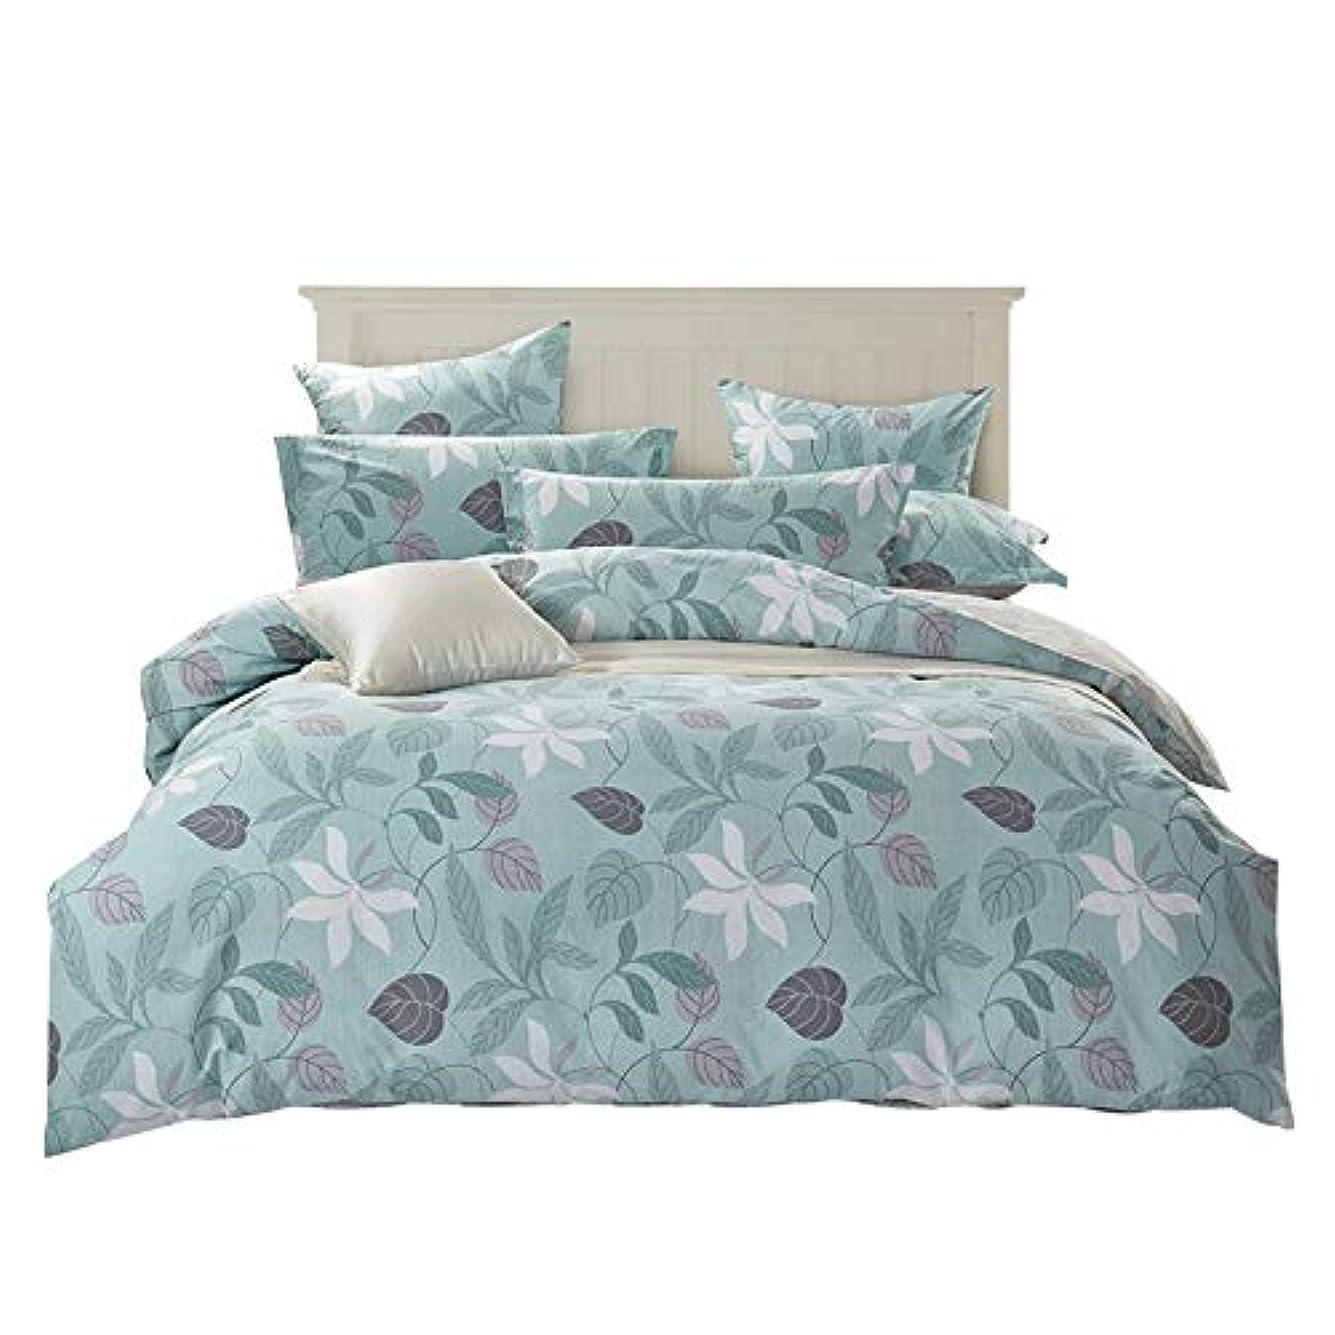 ウェイトレス罰する退屈田園のベッドの上の用品のメーカーが純綿の小さい清新な製品を直売して4点セットの全綿の横柄をセットするのが好きです